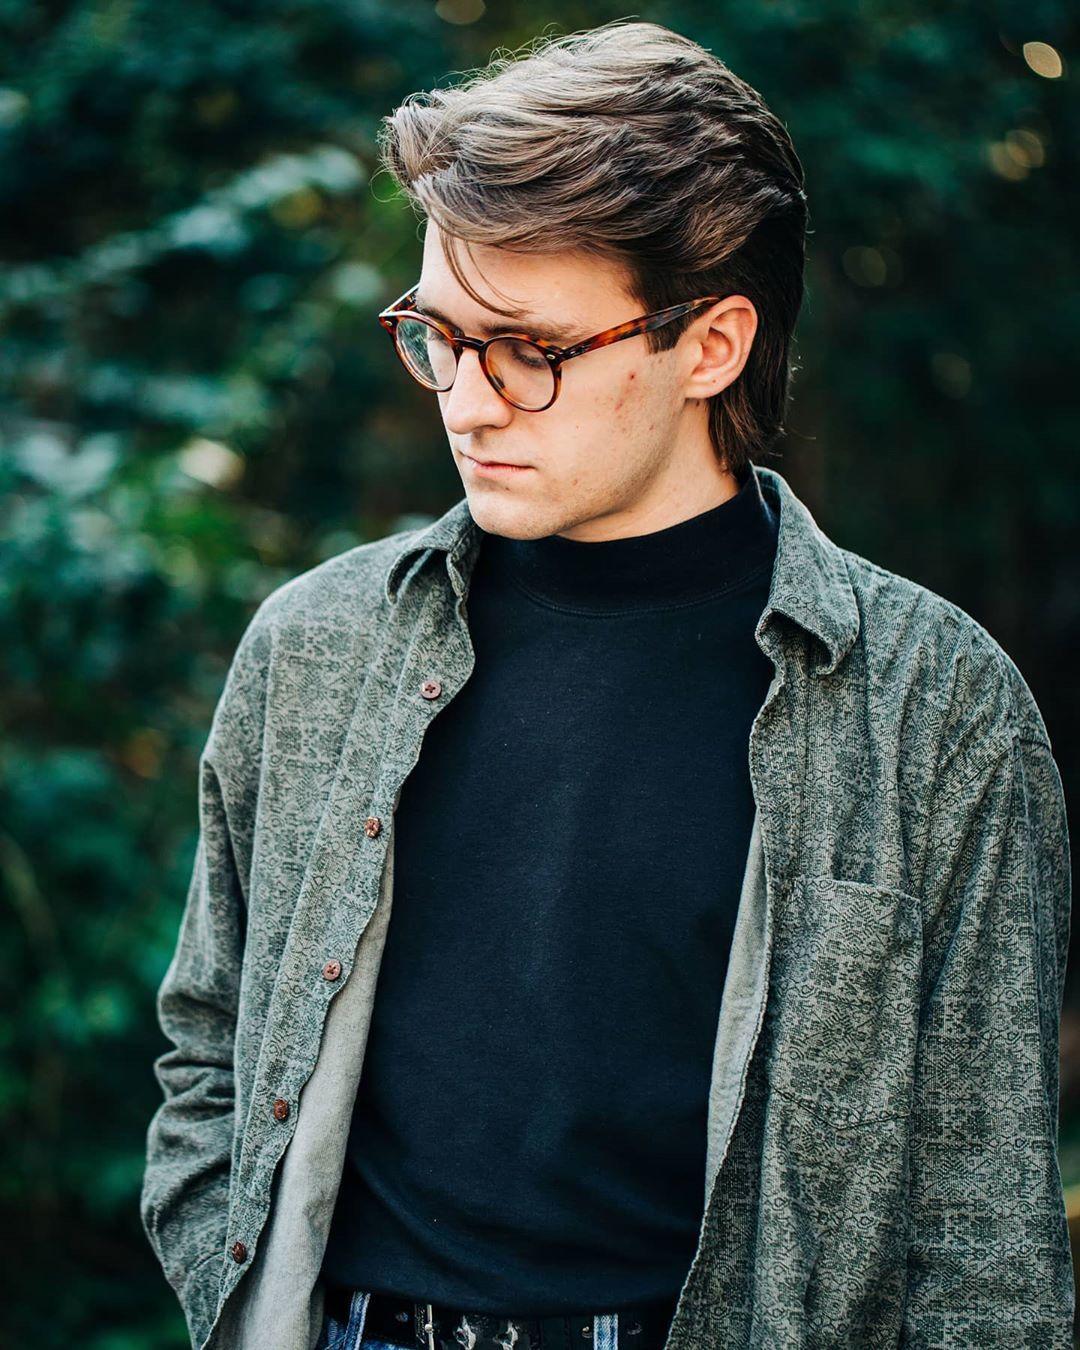 Un homme aux cheveux bruns avec un mulet subtil inspiré des années 90